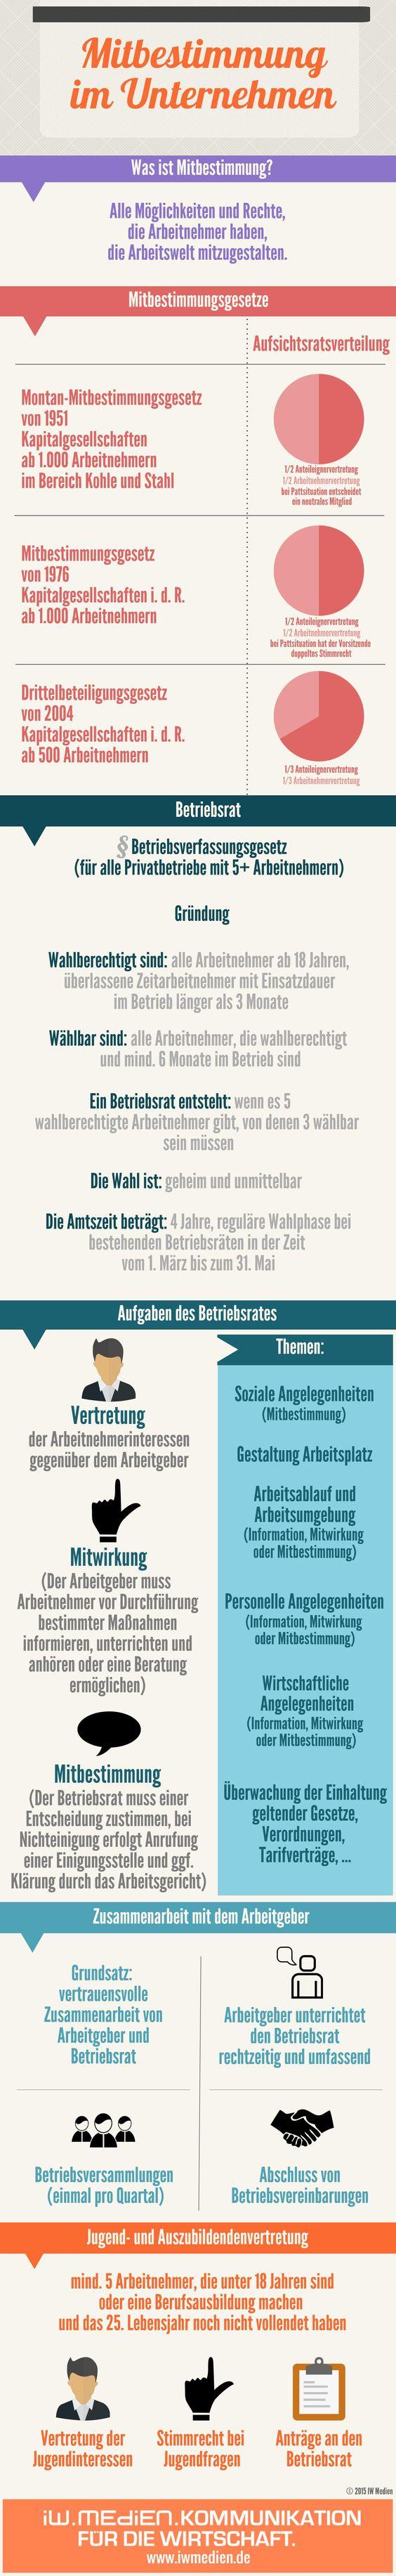 Welche Rechte und Pflichten Arbeitnehmer haben, die Arbeitswelt mitzugestalten, fasst unsere Infografik für Sie zusammen.